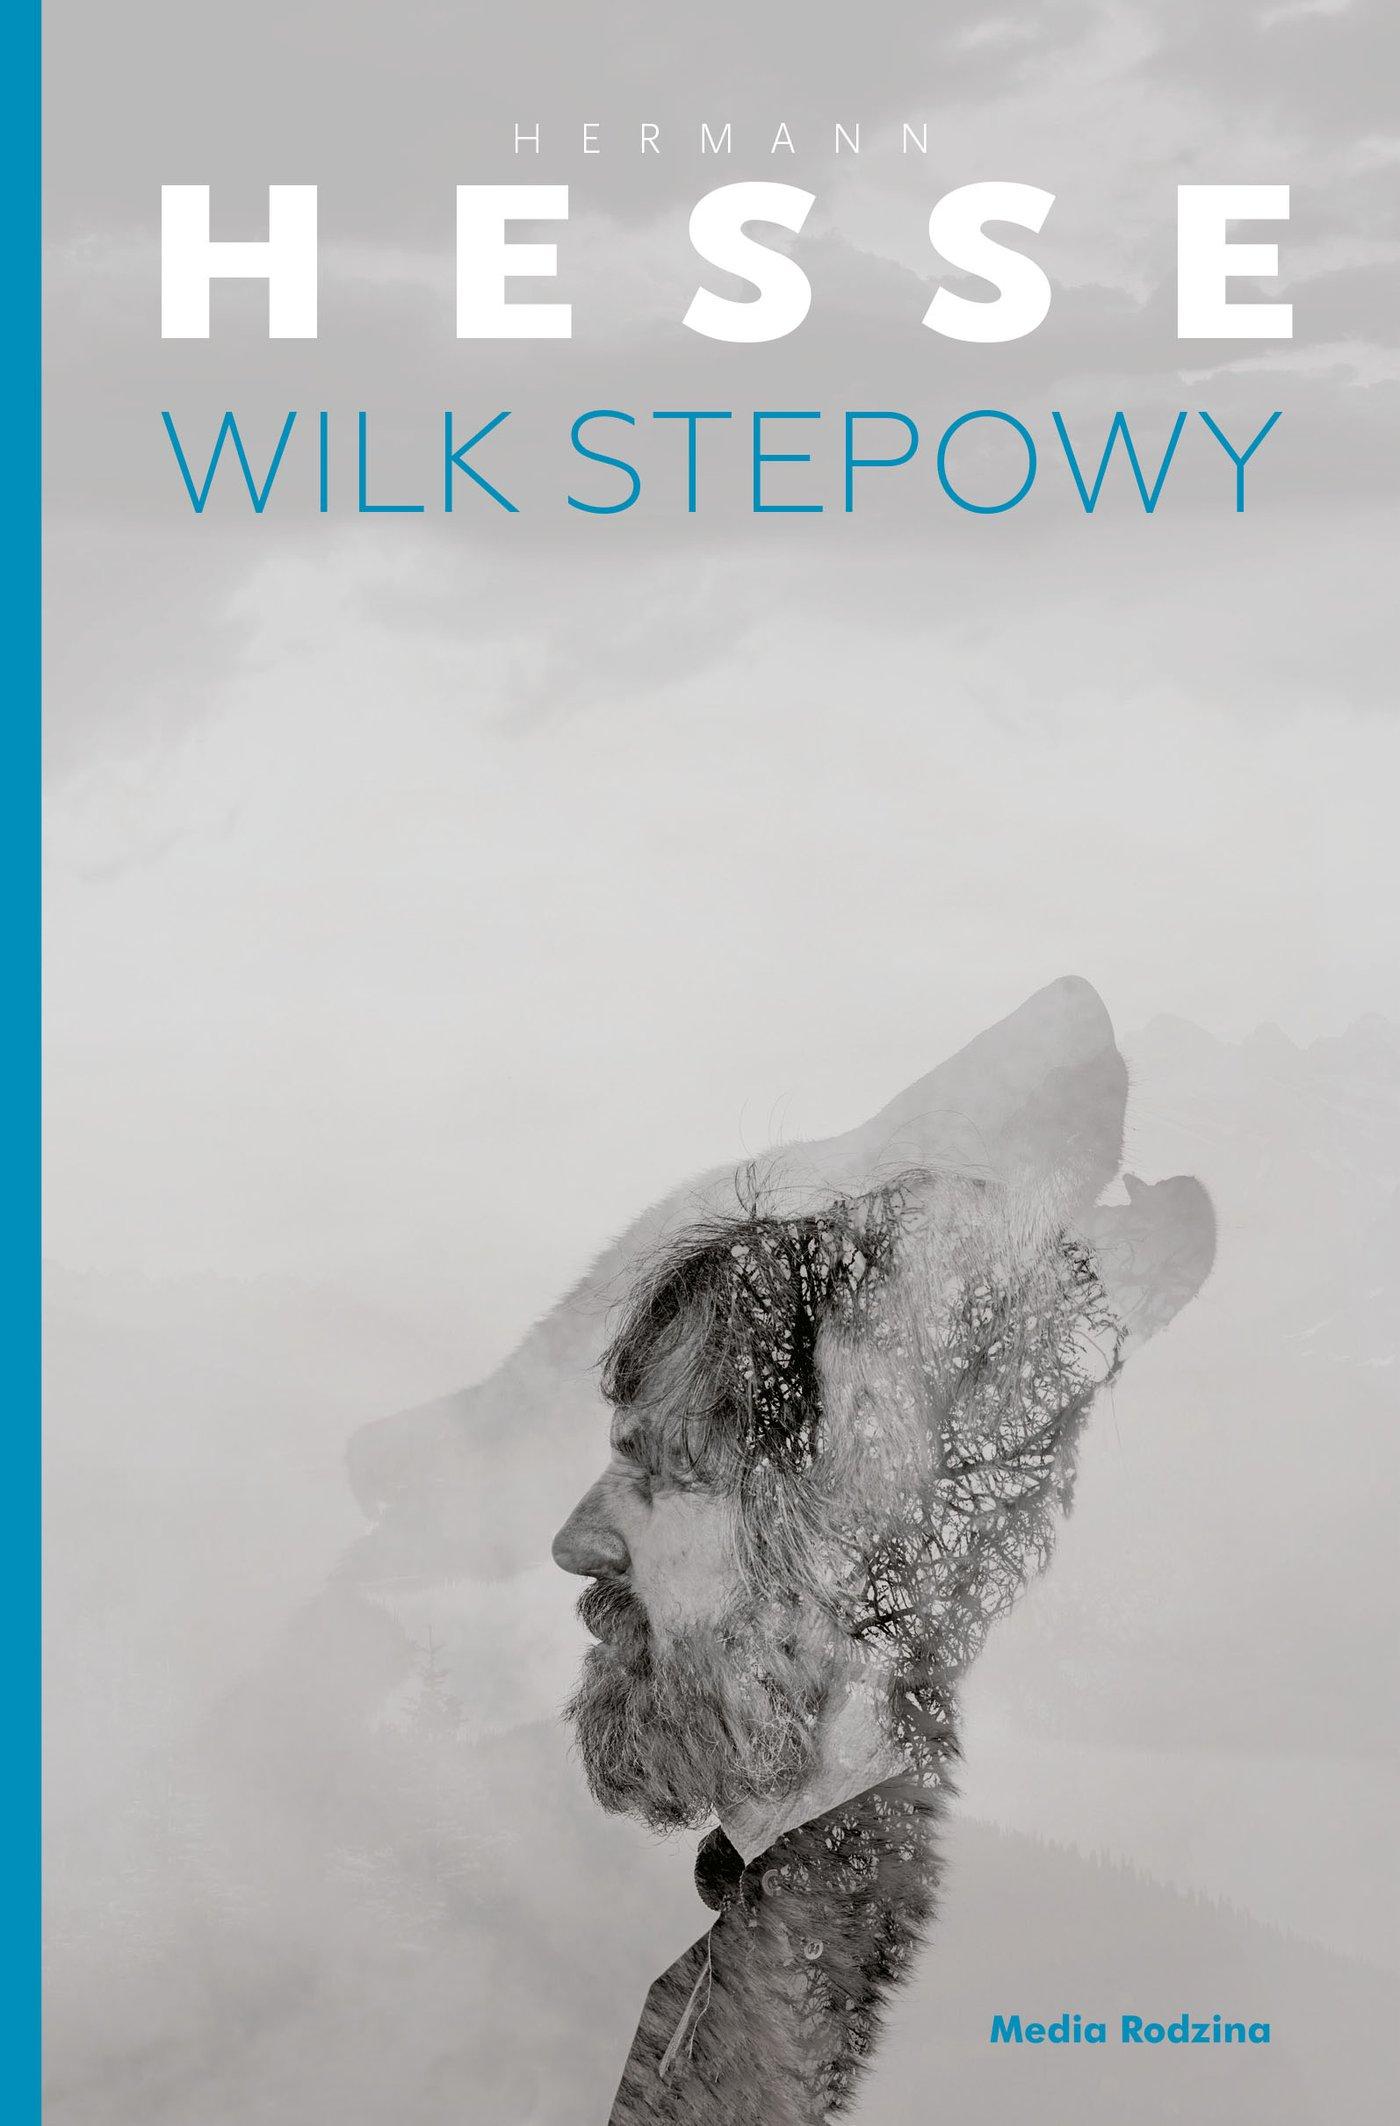 Zoty wilk - Wynik z Google Books